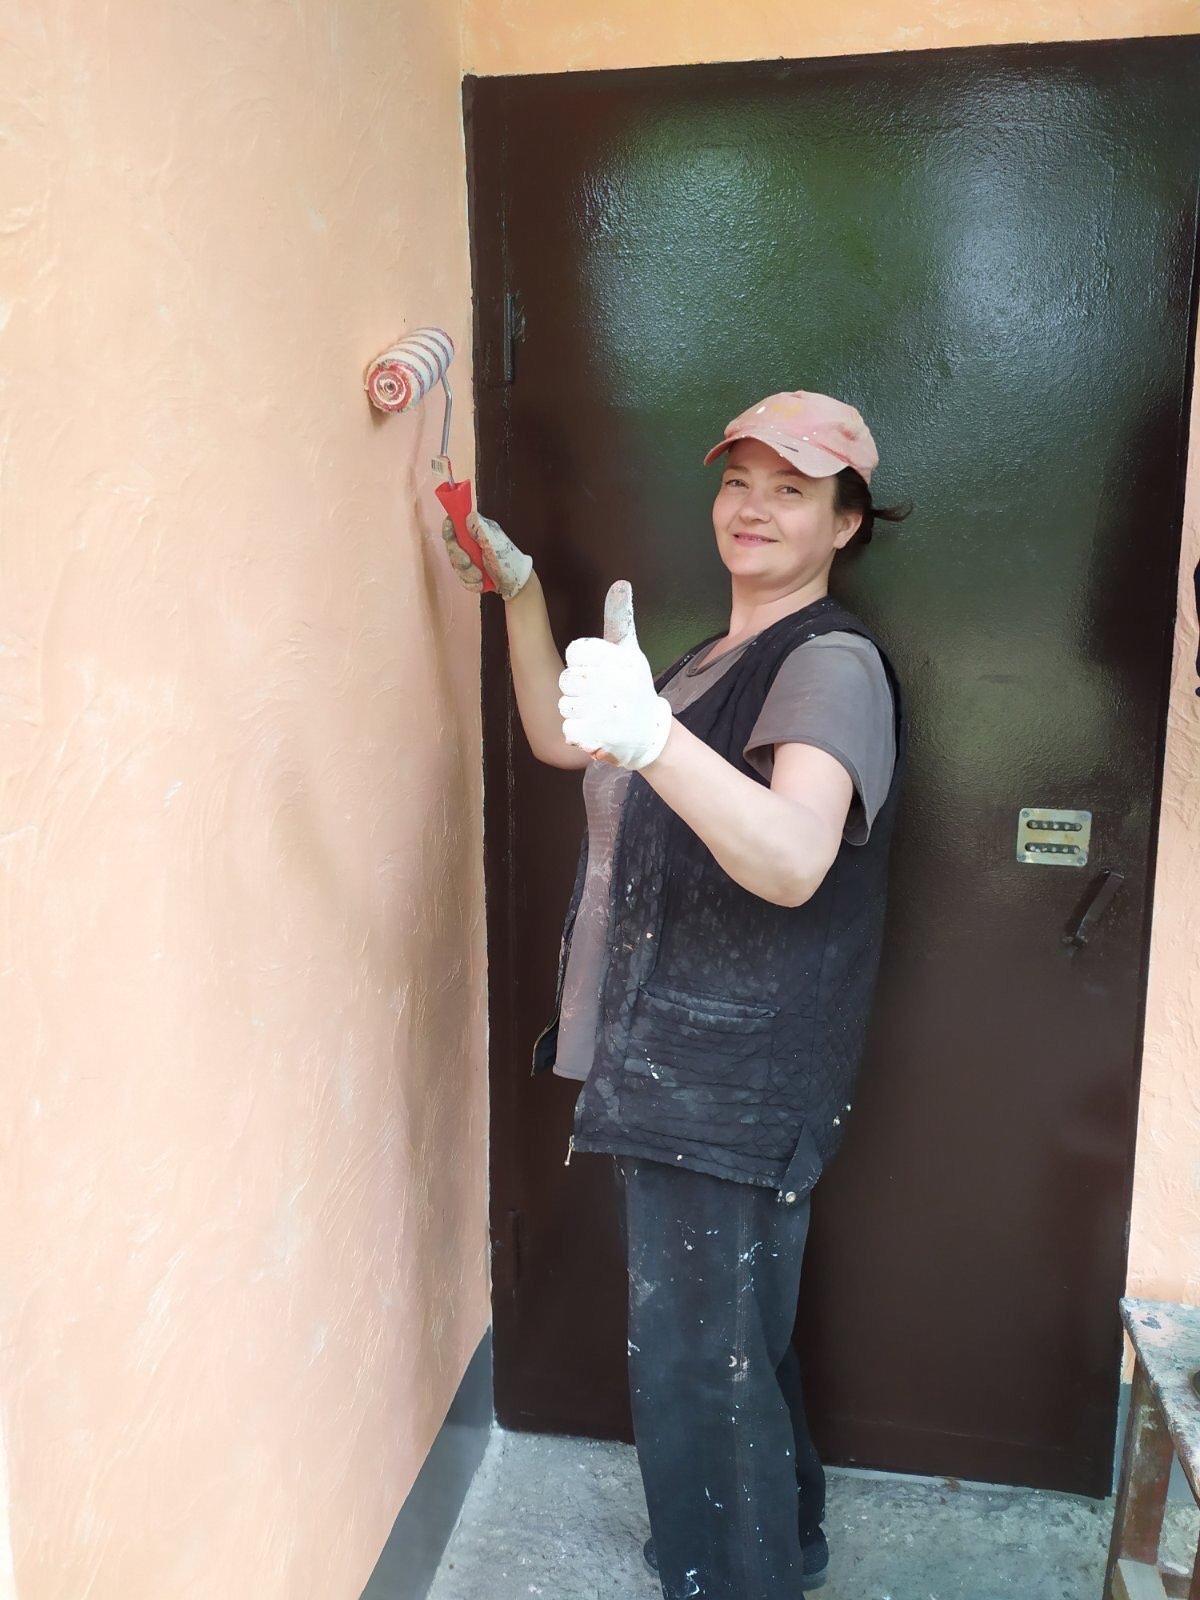 Від бухгалтерії до сантехнічних робіт:  чому варто звернутися до приватного управителя «Квартал-сервіс Лозова 2», фото-21